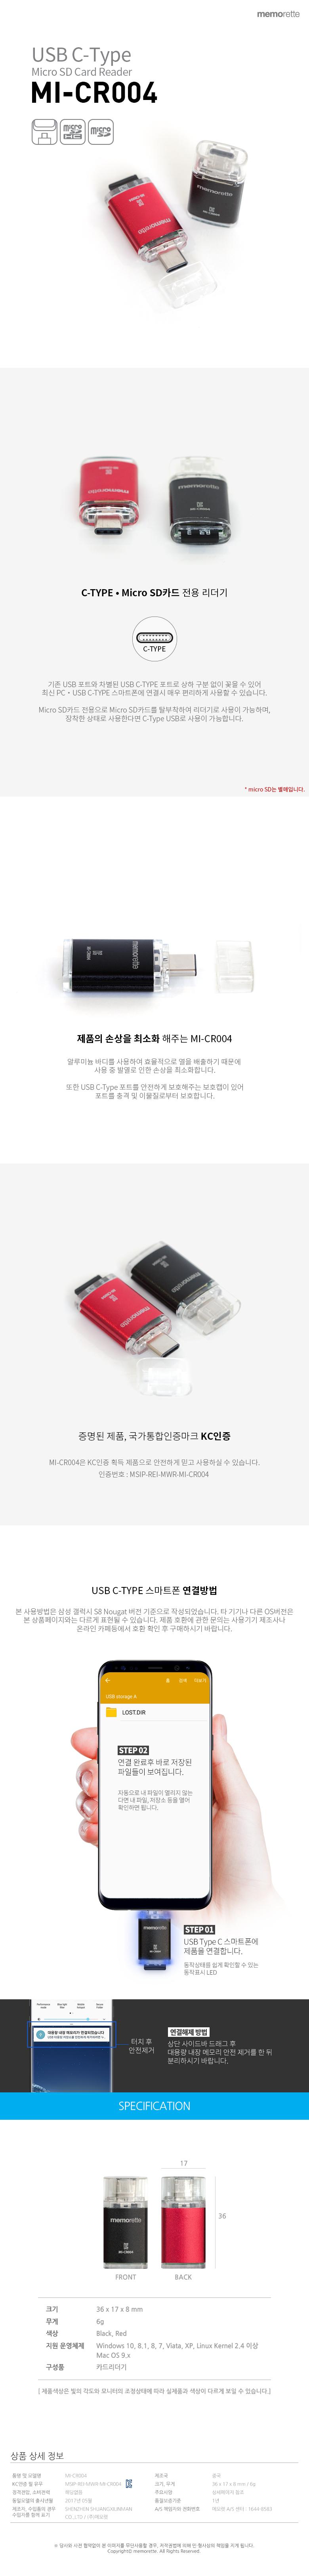 메모렛 MI-CR004 C타입 리더기 MicroSD MicroSDHC - 메모렛, 5,900원, USB제품, USB 메모리 카드리더기